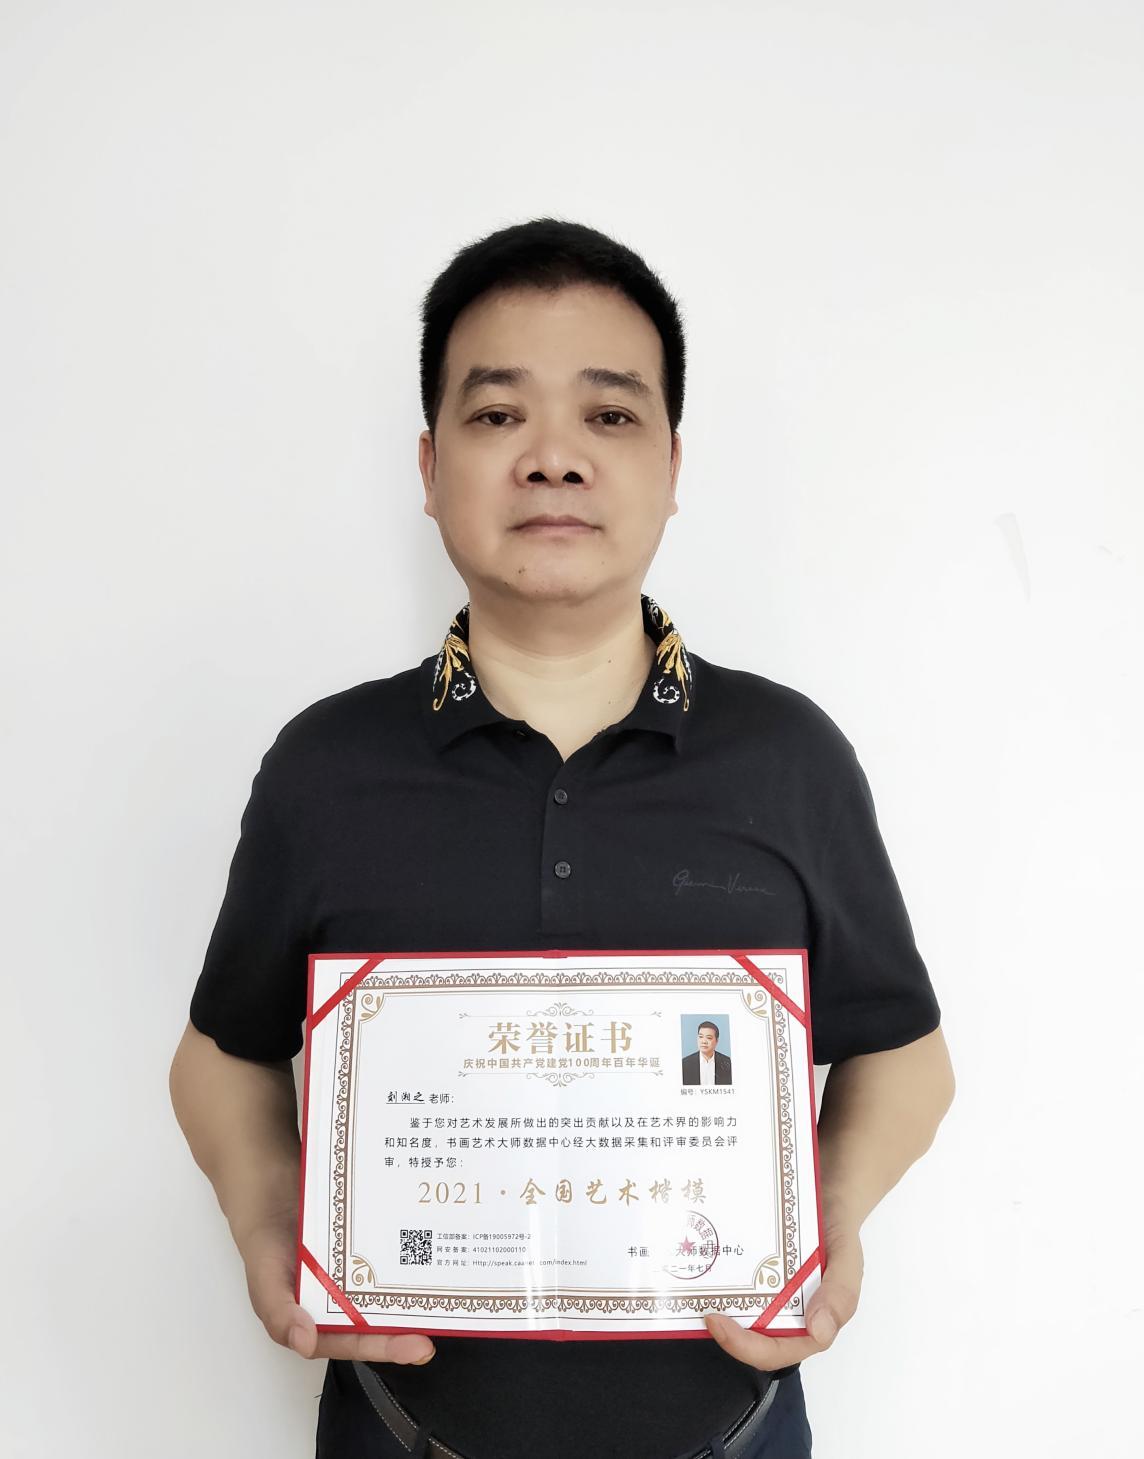 """刘湘之荣获书画艺术大师数据中心""""2021·全国艺术楷模""""殊荣"""